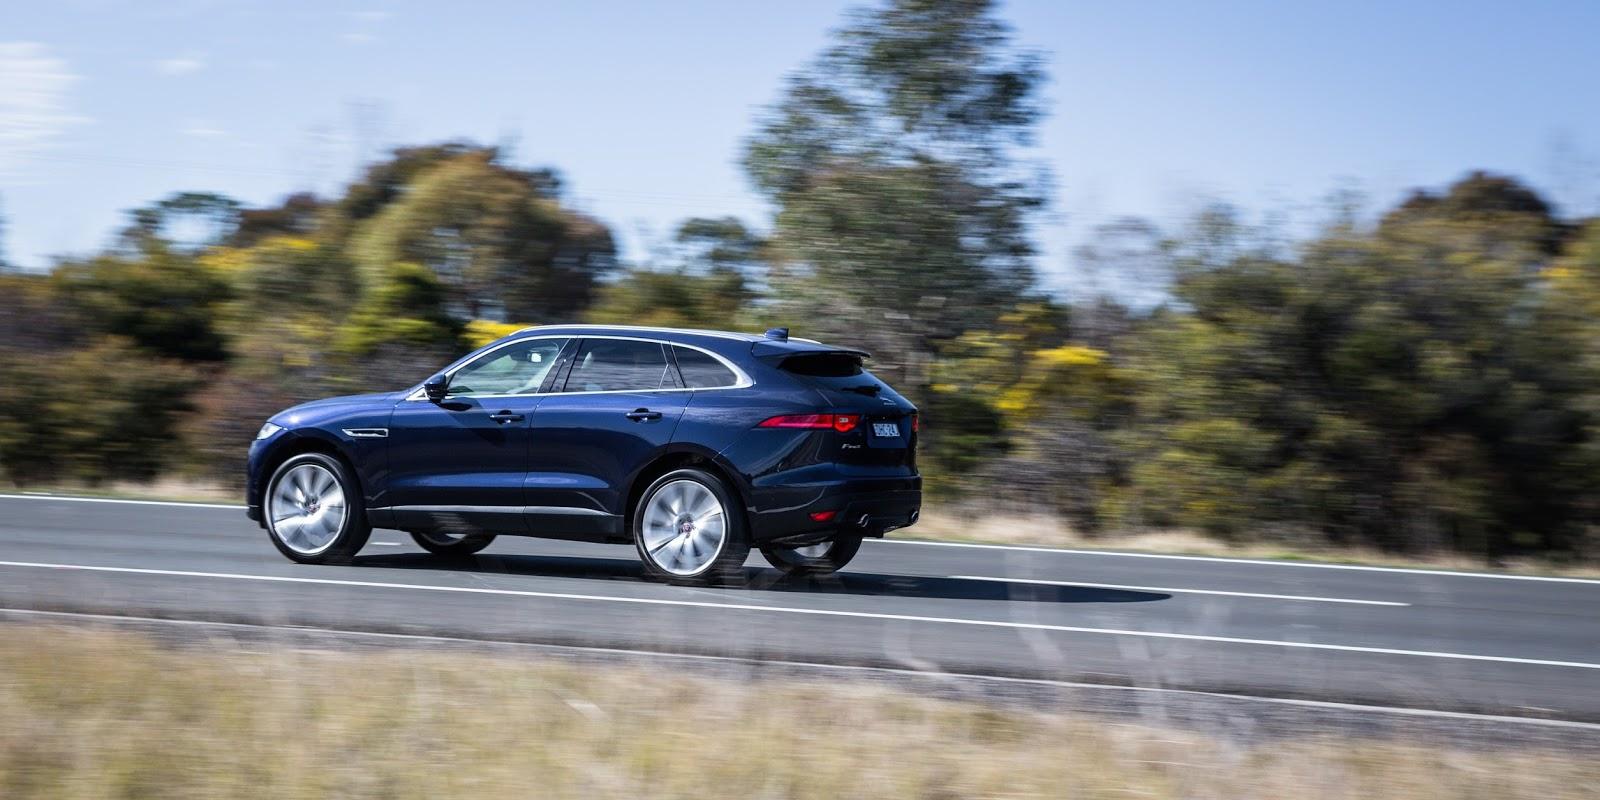 Jaguar F-Pace hứa hẹn sẽ tạo sức hút lớn trong phân khúc SUV hạng sang